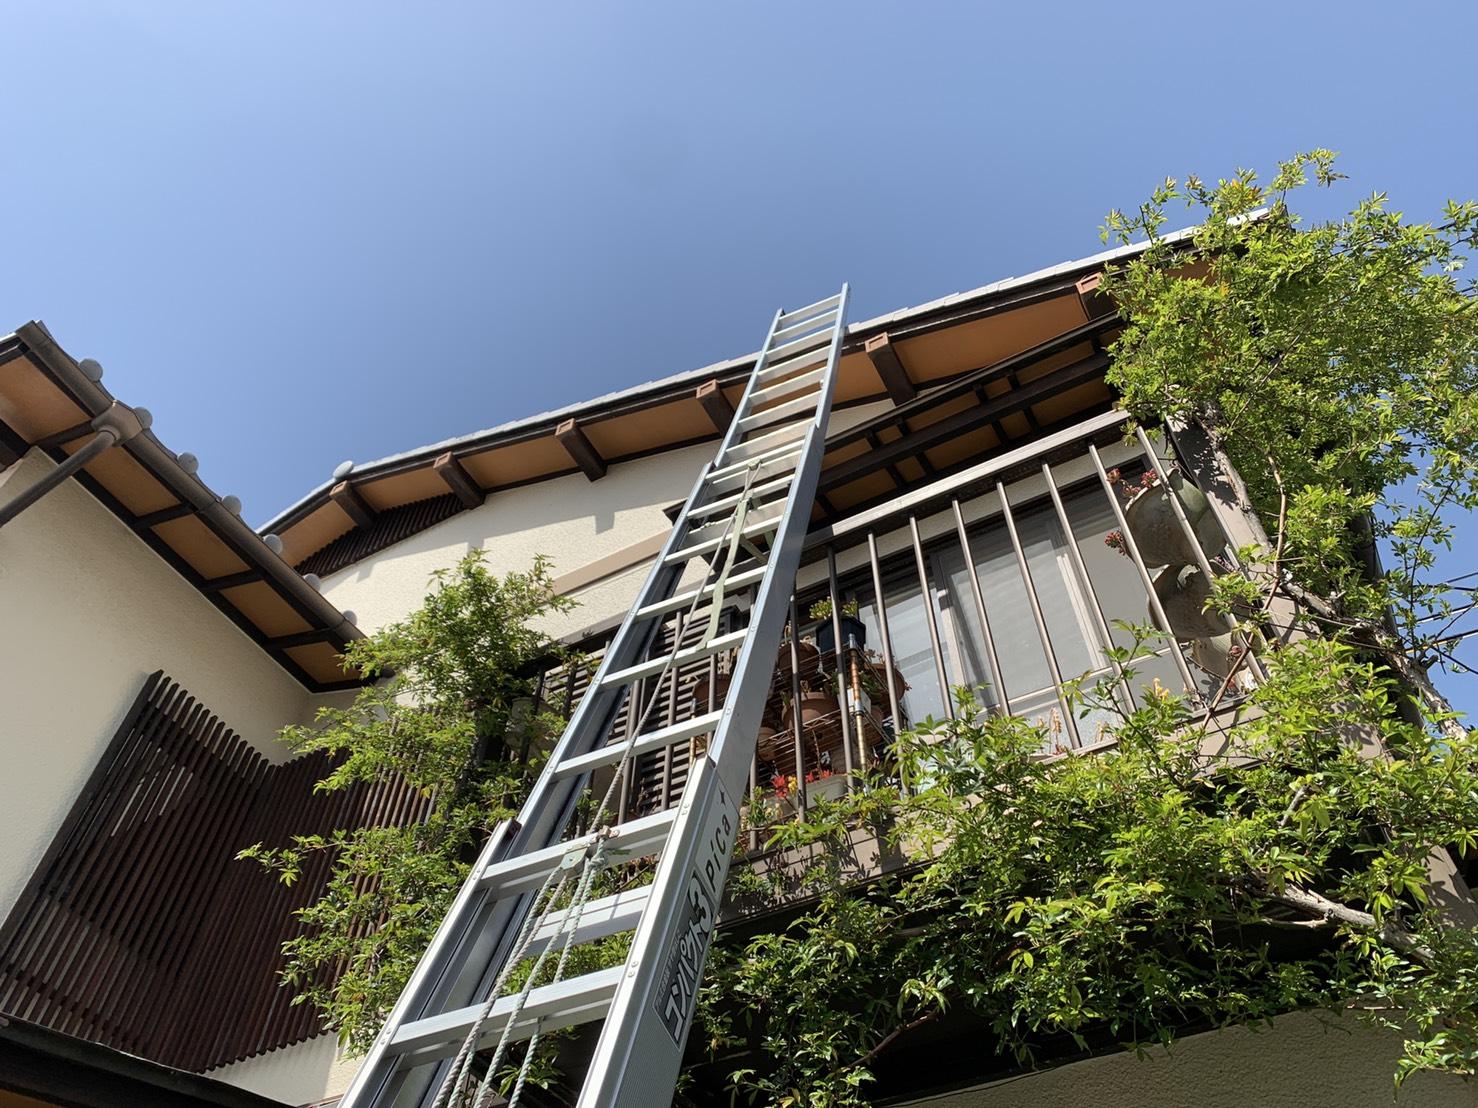 加古郡稲美町で雨漏り調査を行うために屋根に梯子を掛けた様子